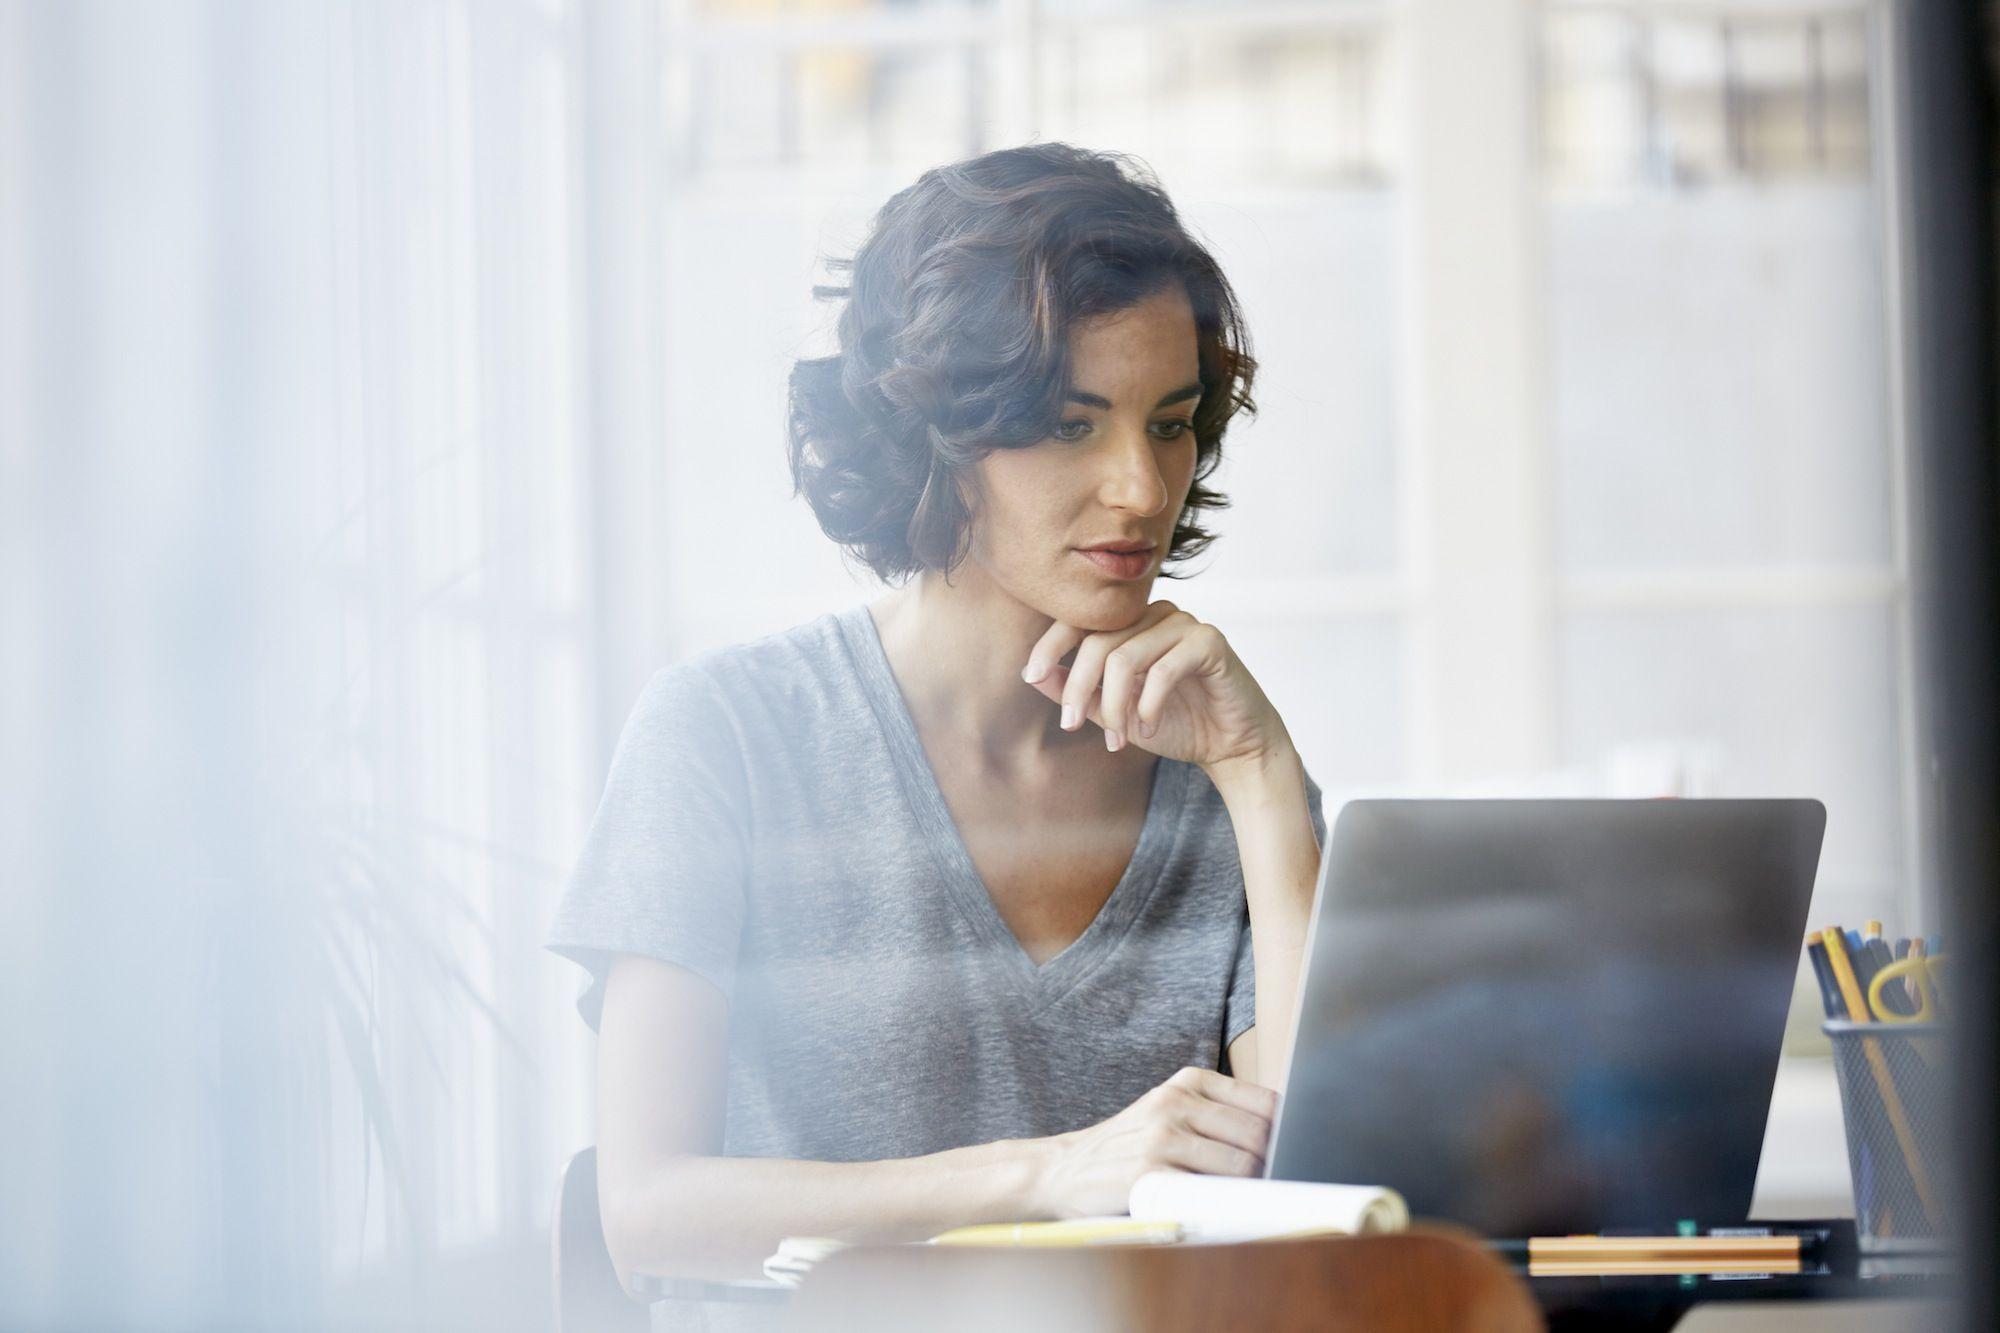 Прашања што ќе ви го променат животот и ќе ви ја подобрат самодовербата кога се чувствувате немотивирано